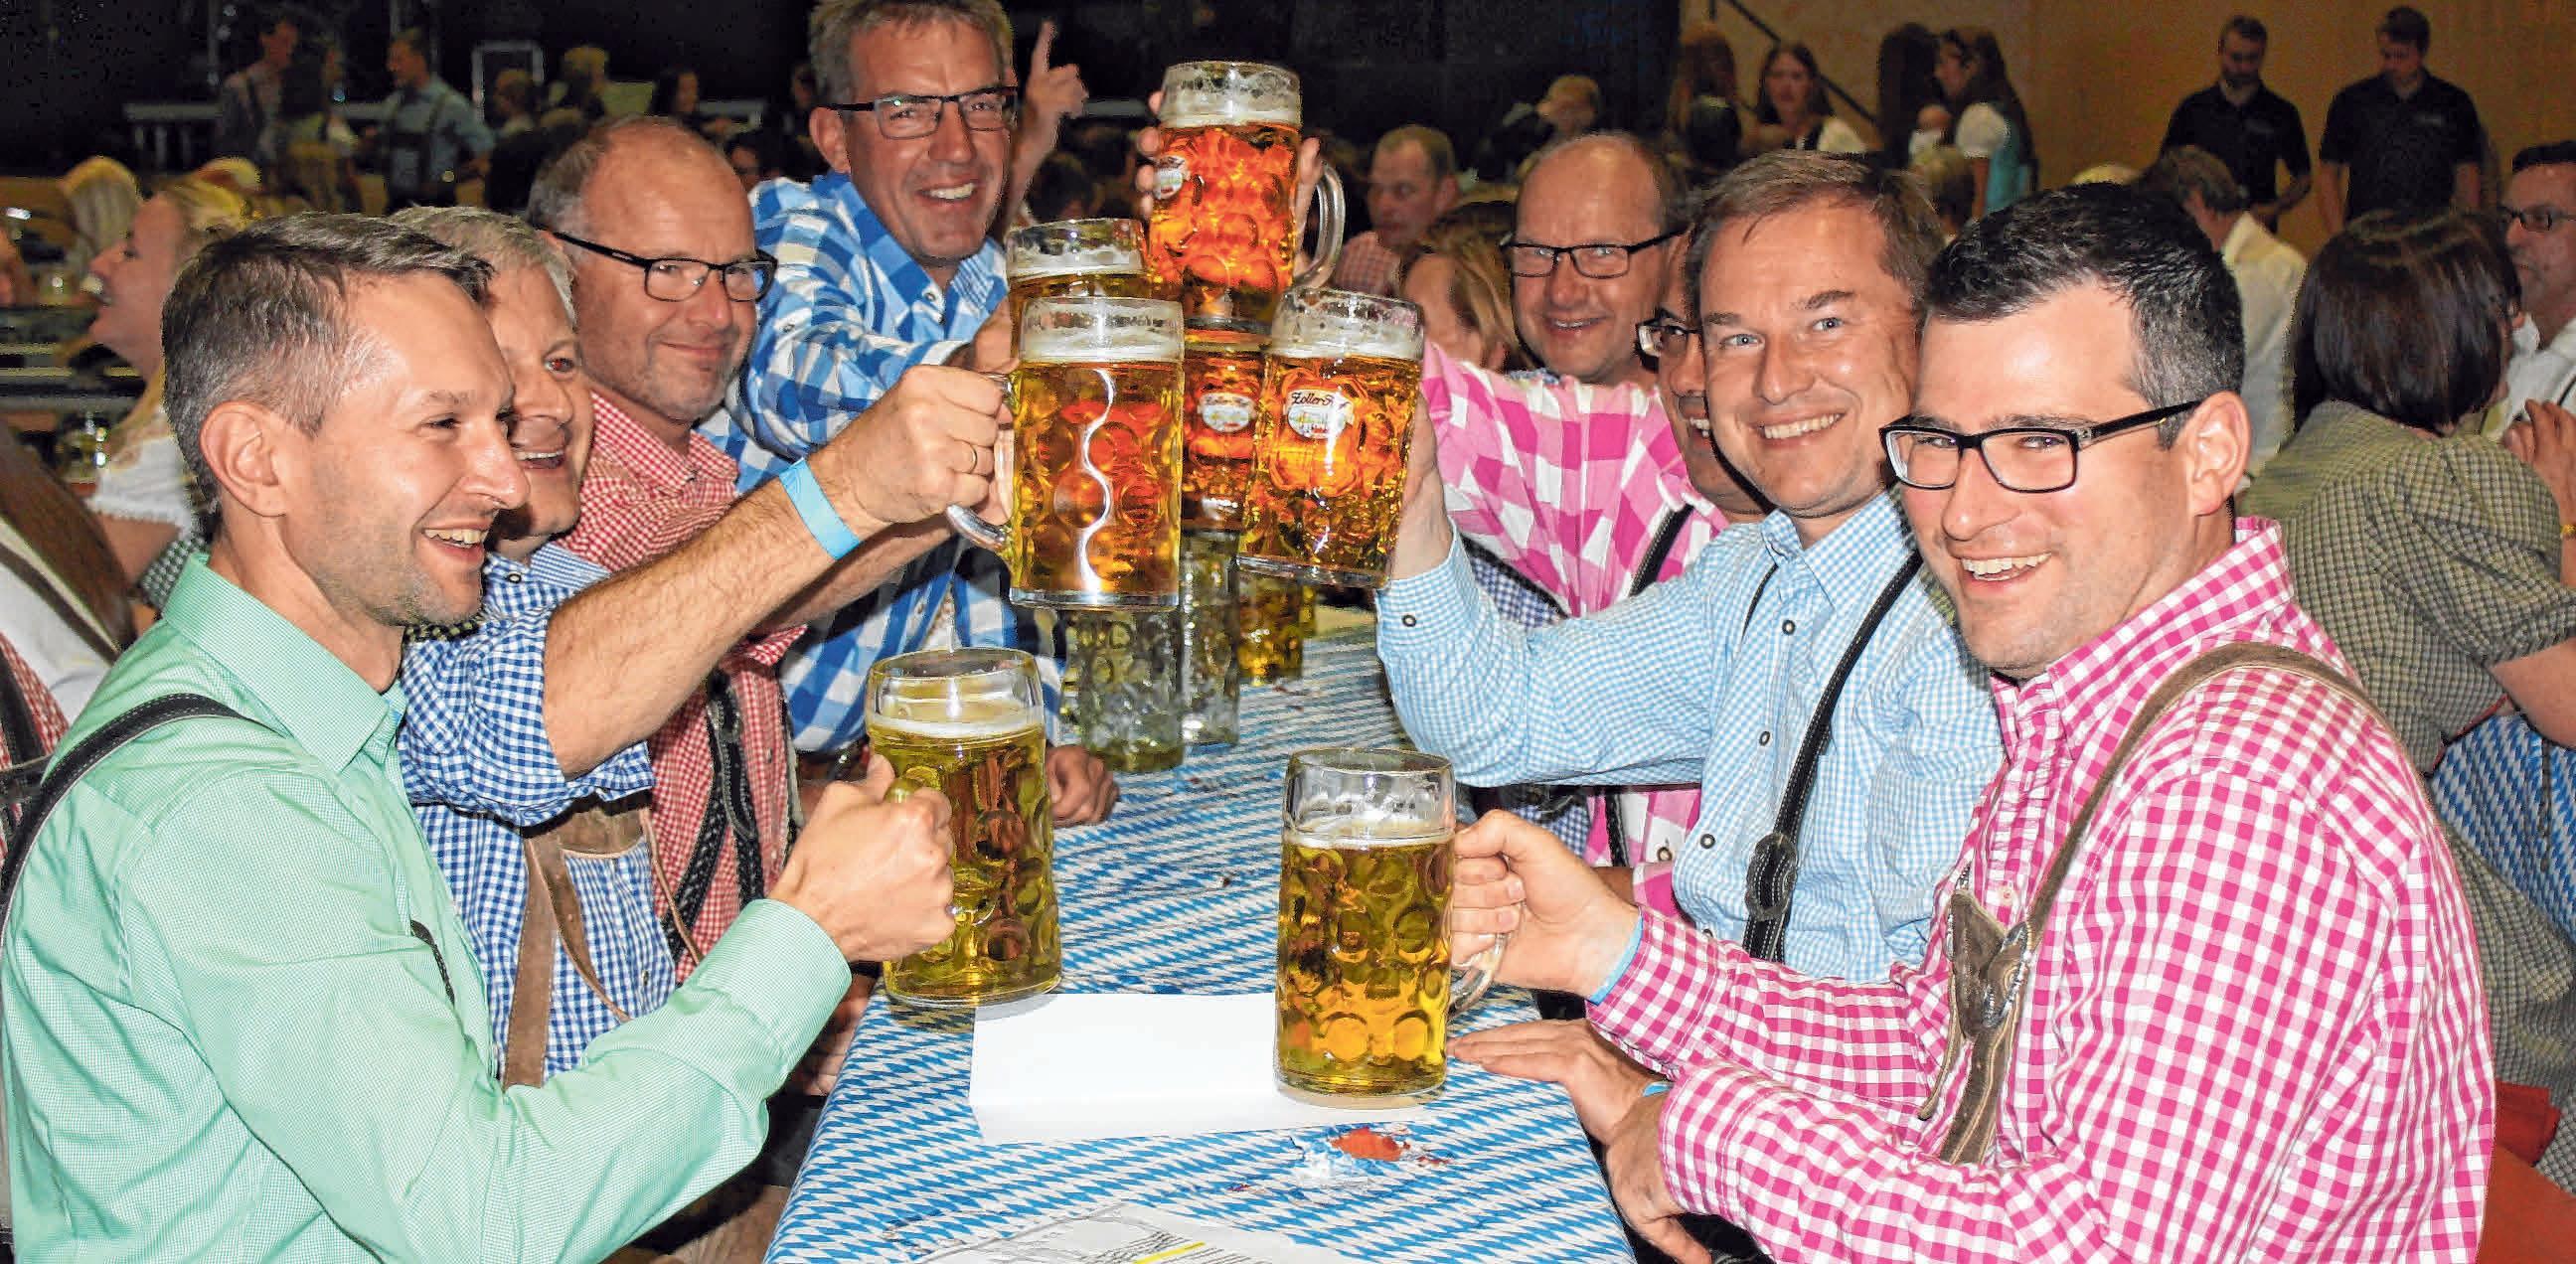 Sportverein Denkingen wird 50 Jahre Image 1